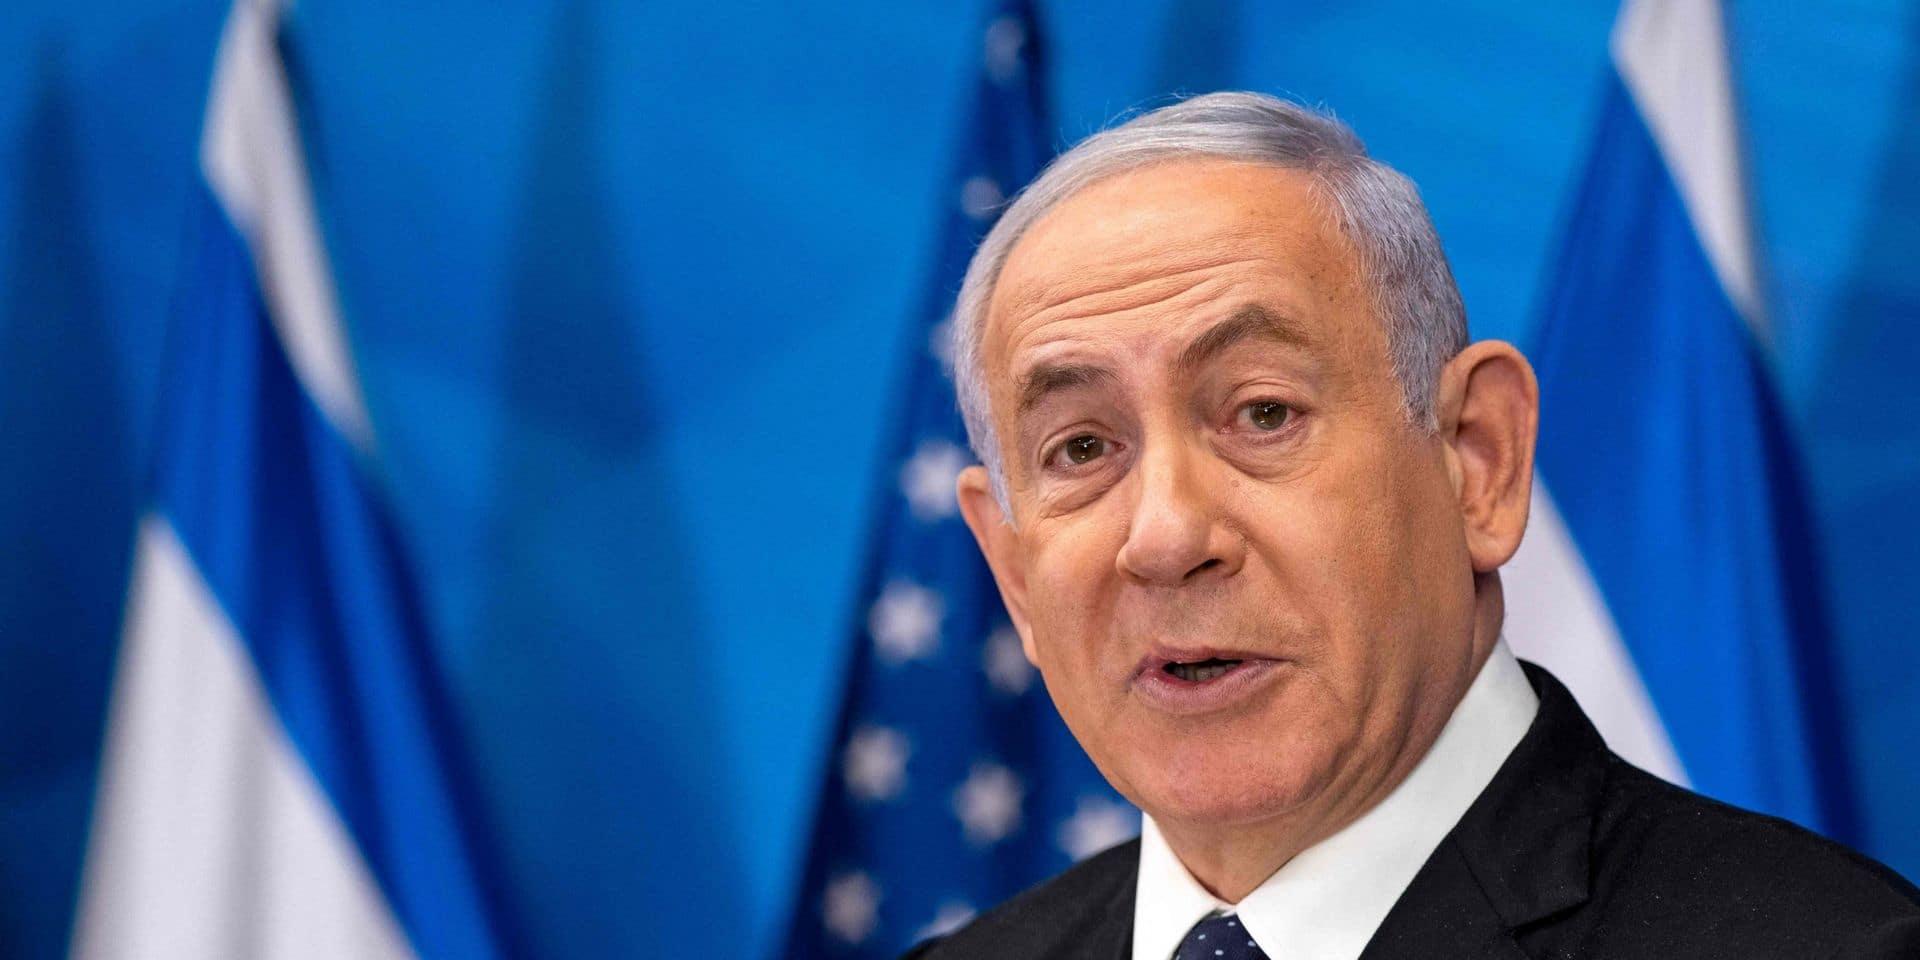 En Israël, les pourparlers pour un gouvernement anti-Netanyahou s'intensifient